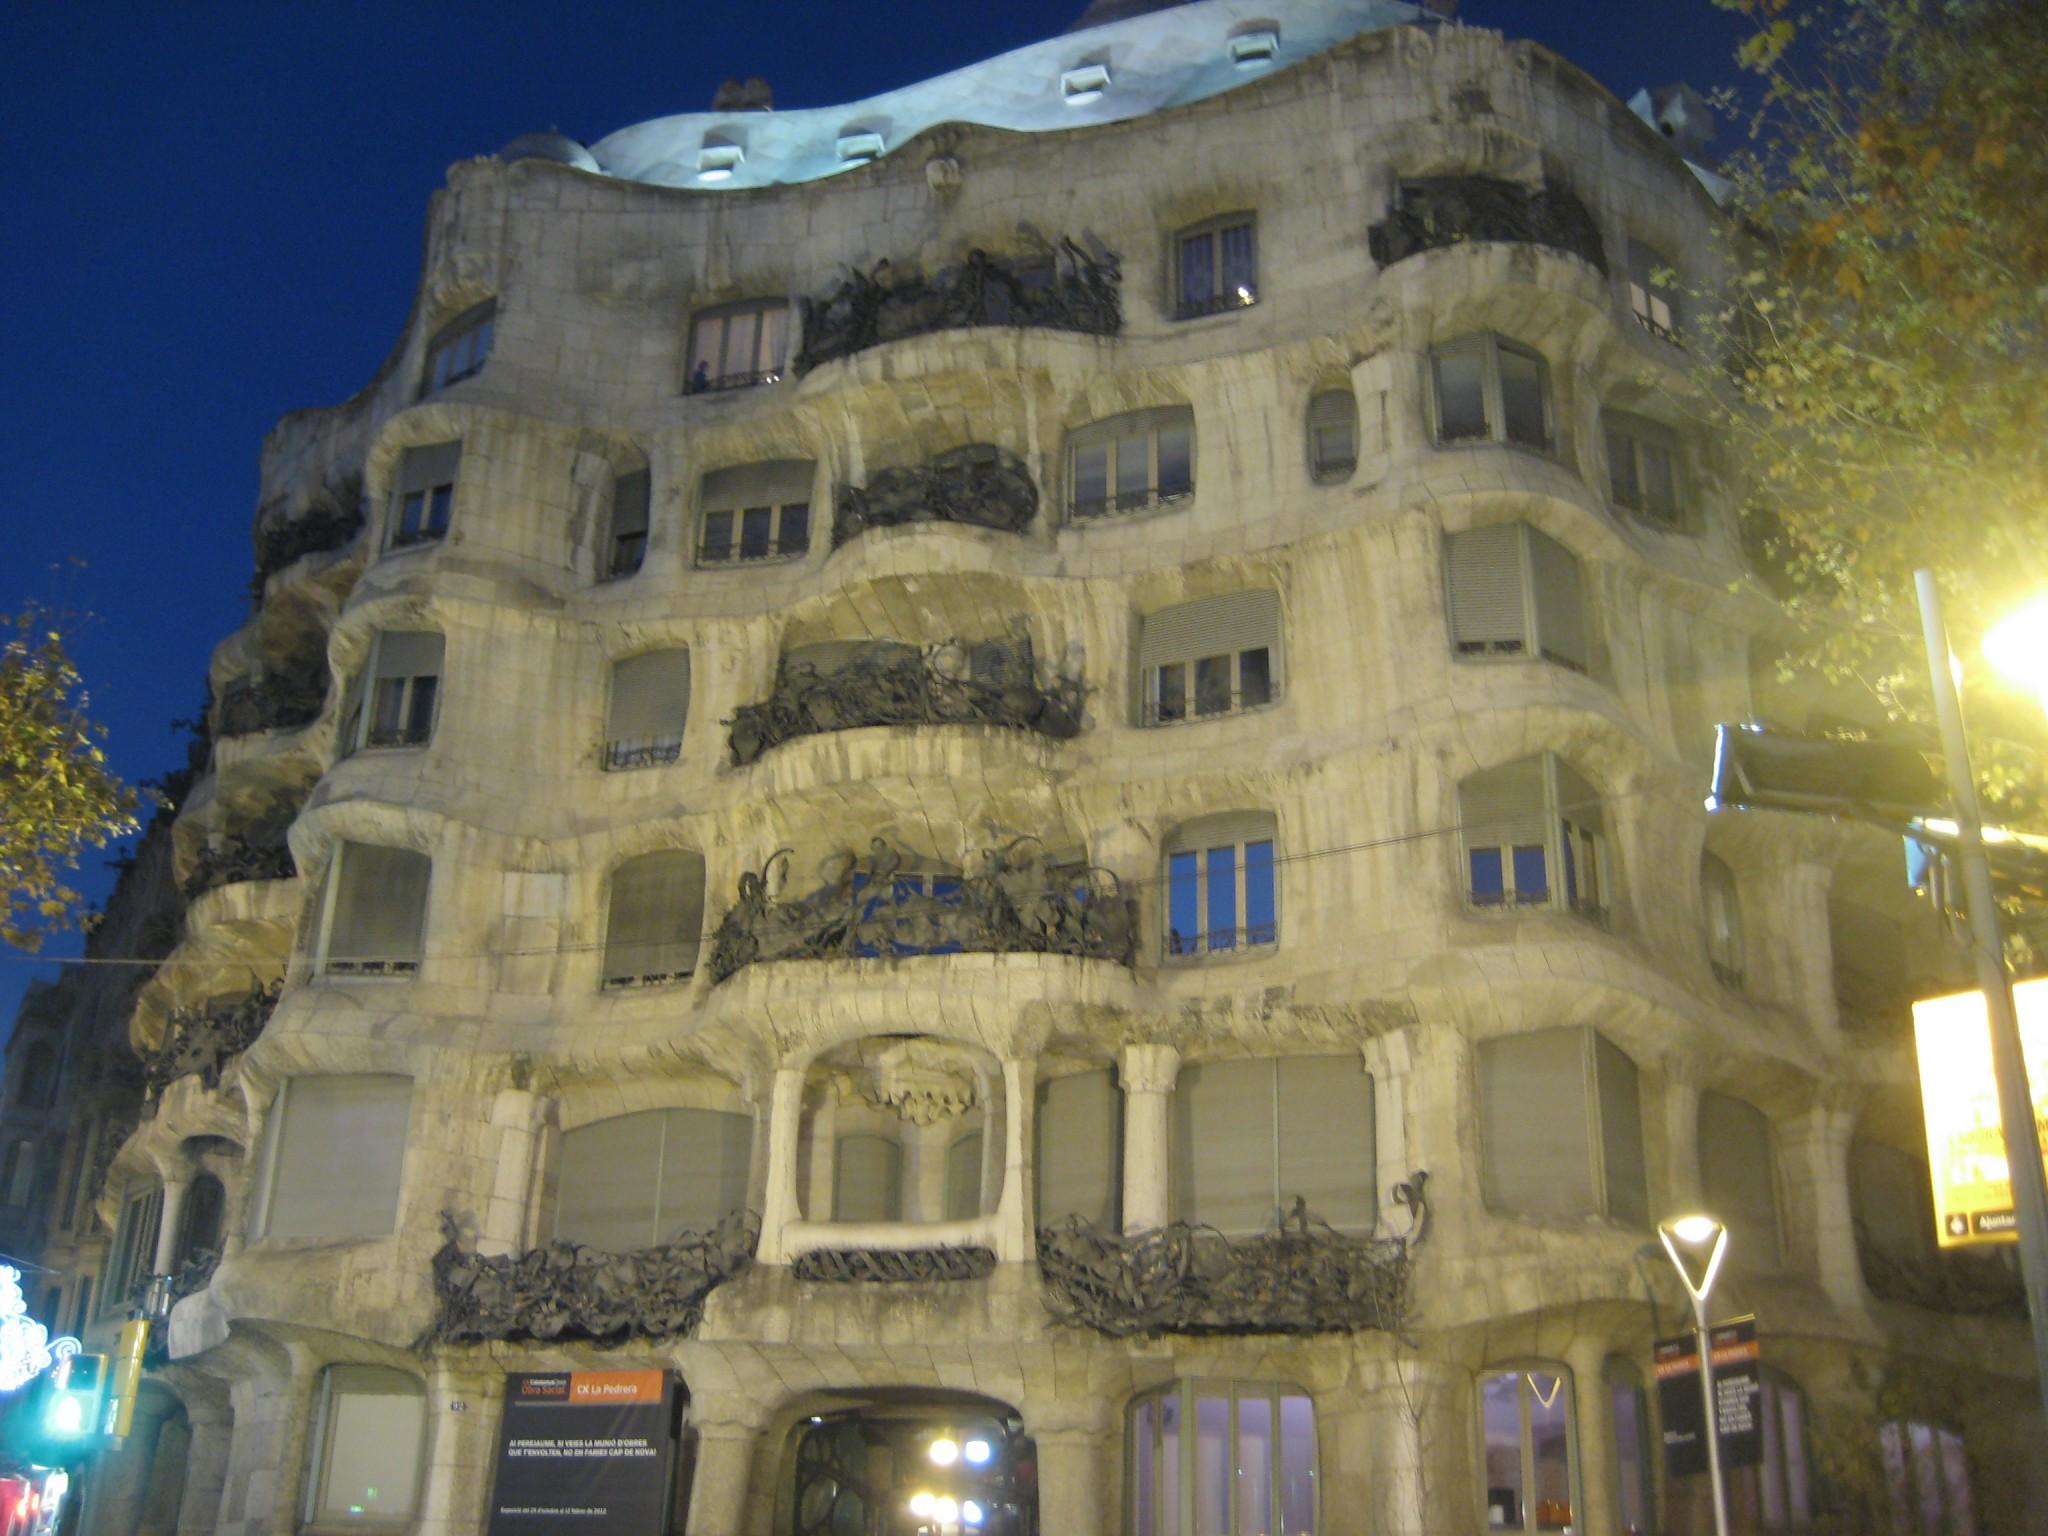 La casa mil visitar barcelona - La casa de las lamparas barcelona ...